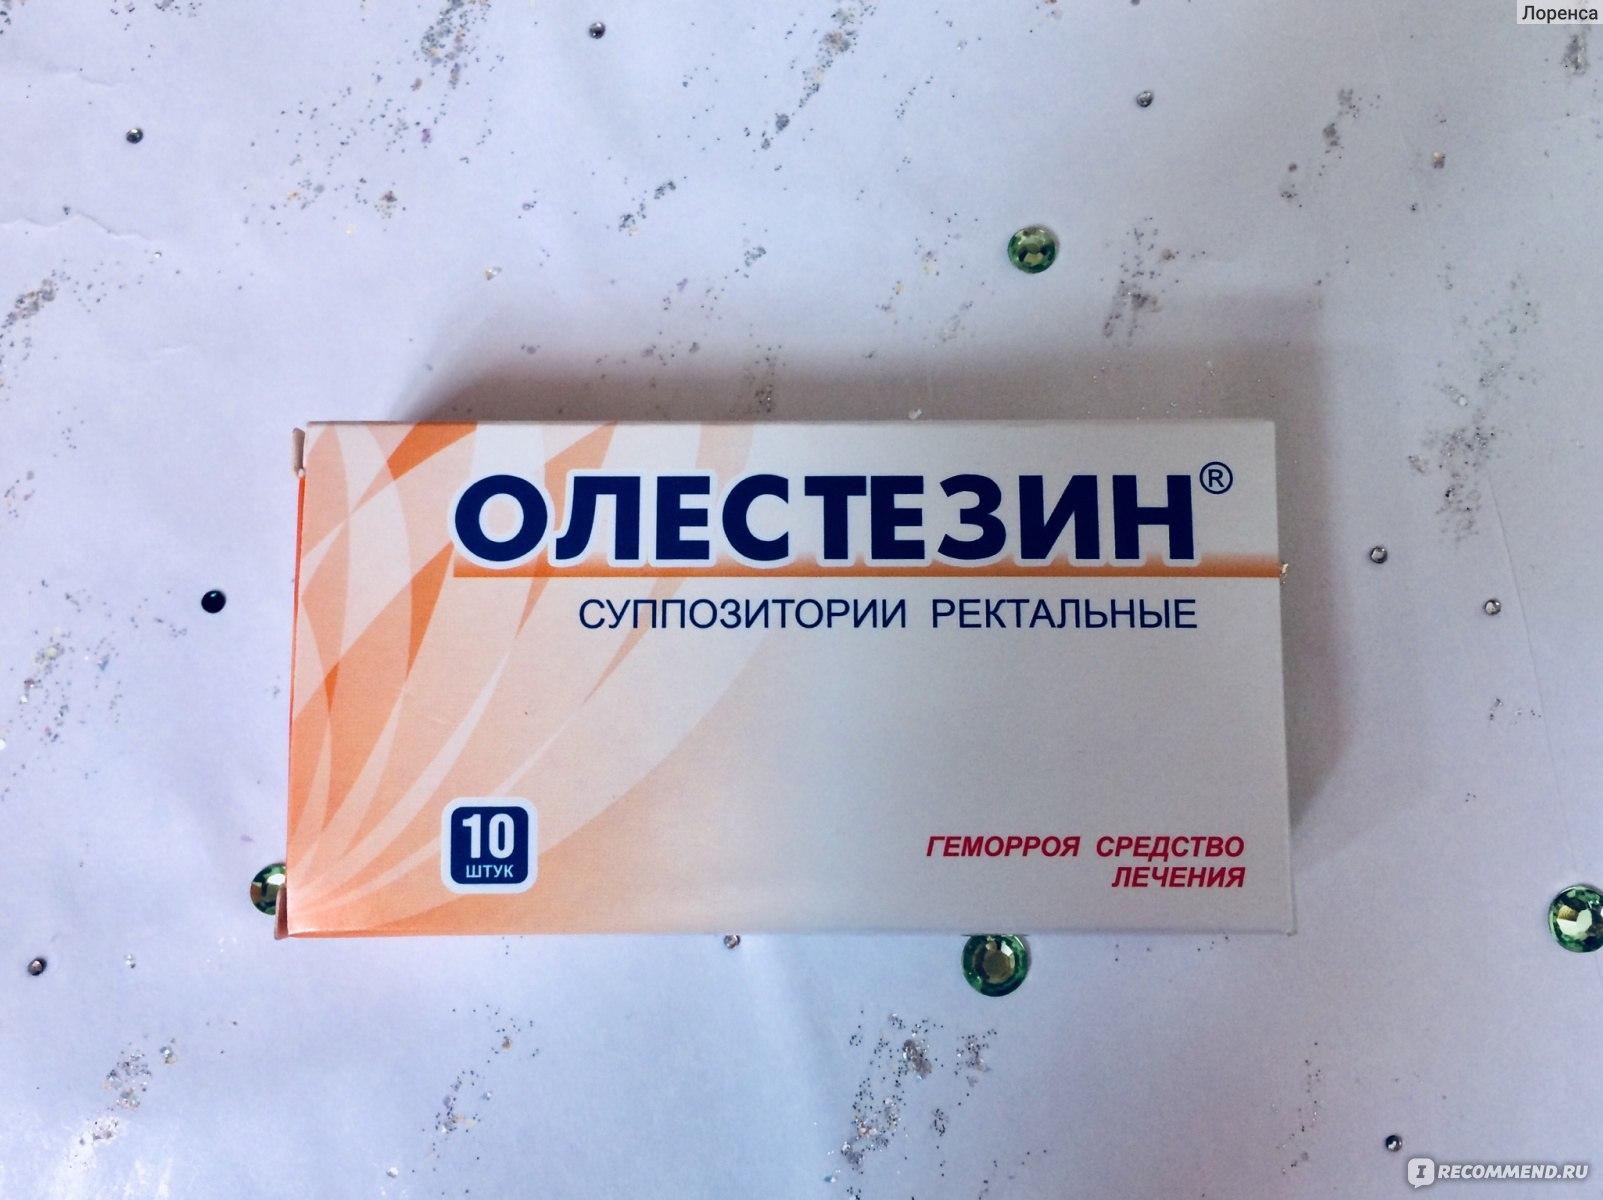 Олестезин свечи отзывы при простатите простатит лечение простатита народными средствами самые эффективные